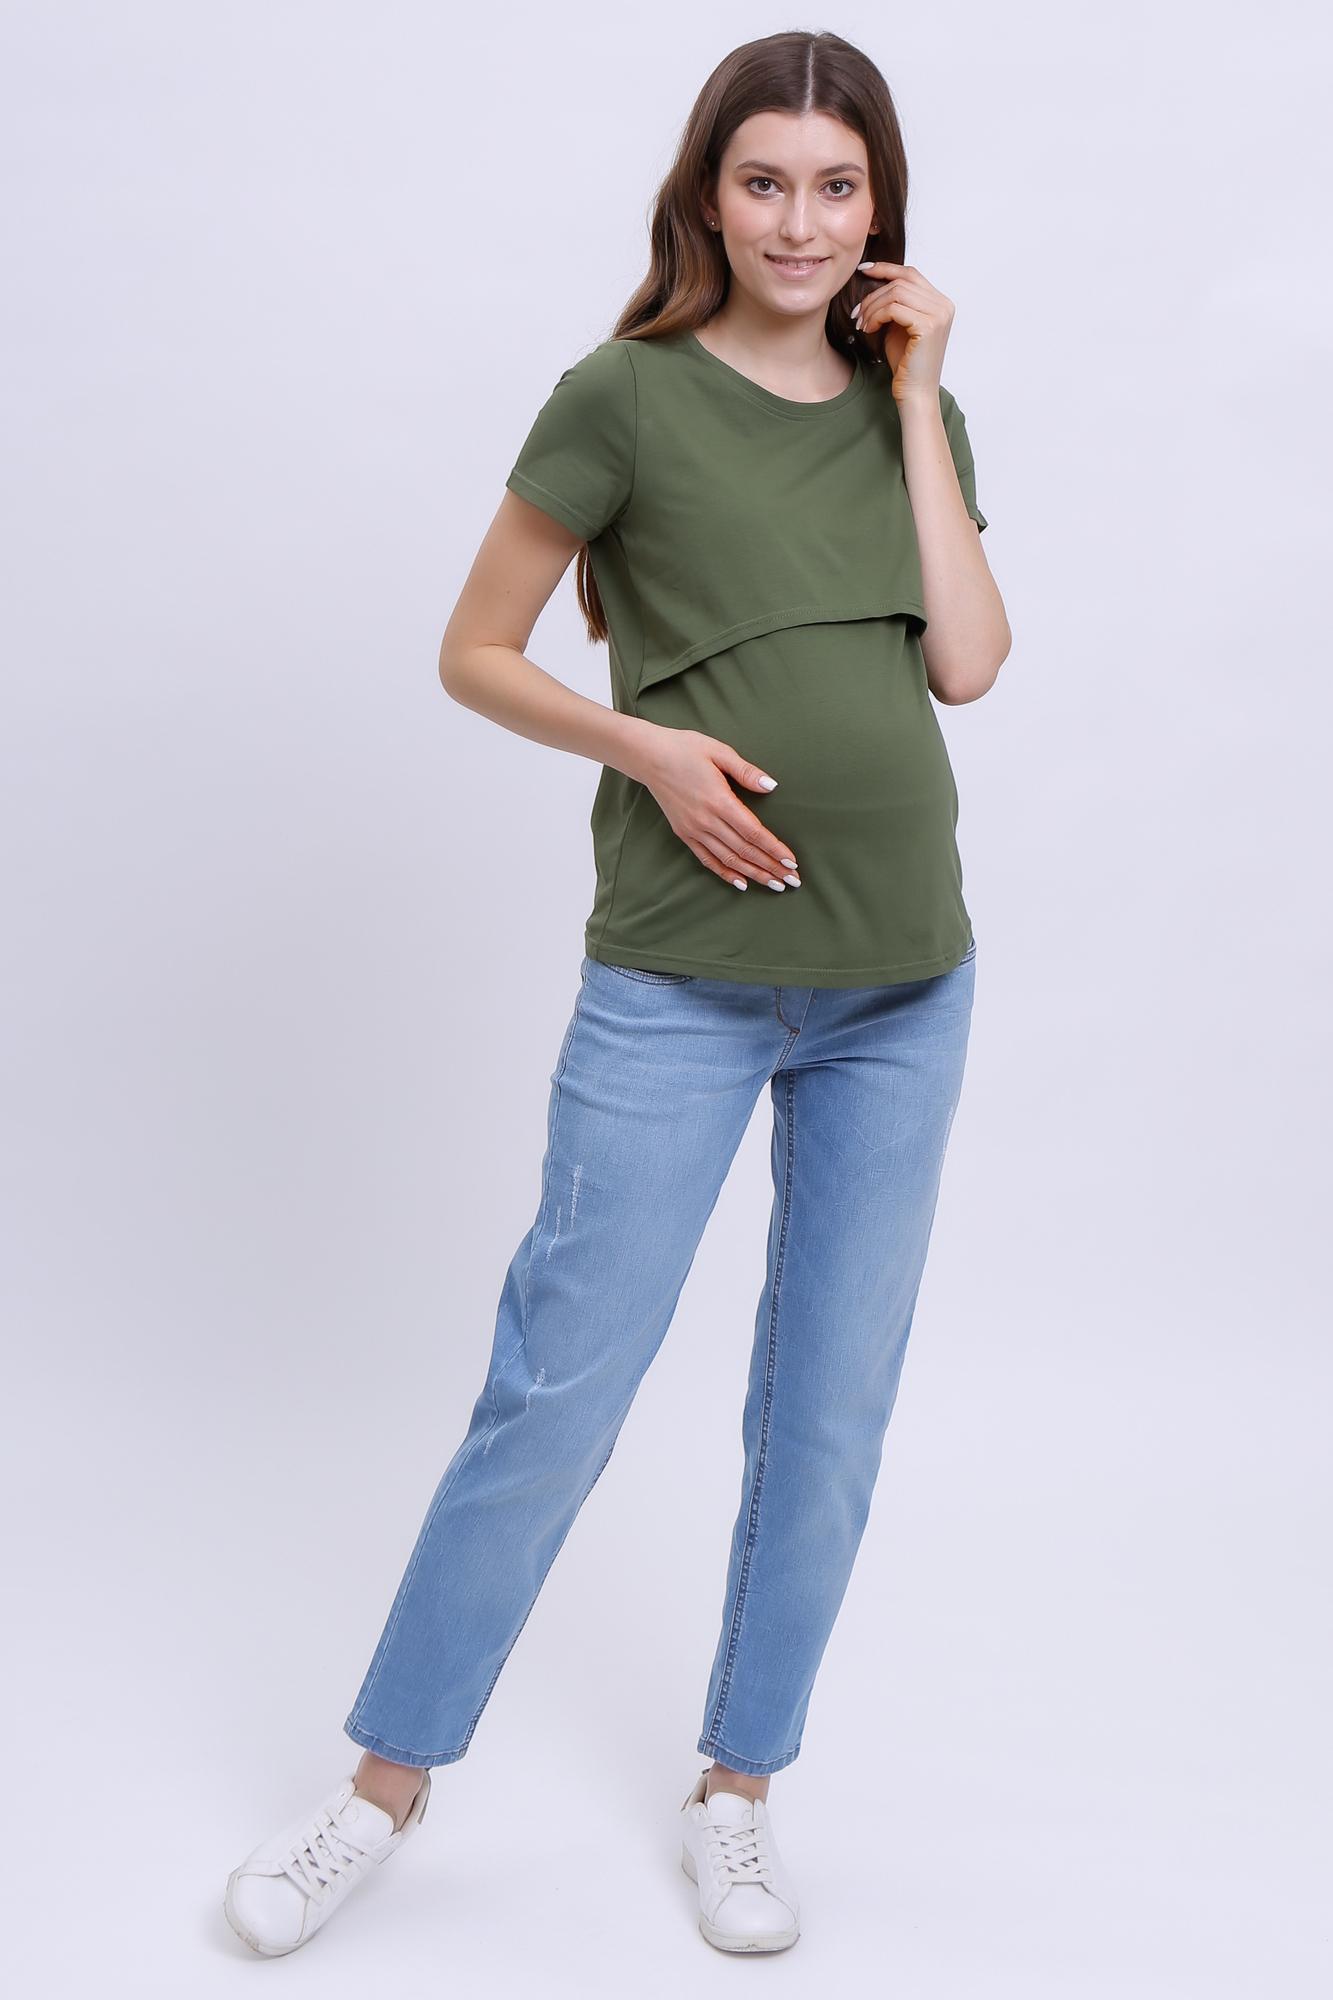 Джинсы для беременных (BOYFRIEND) 12418 голубой